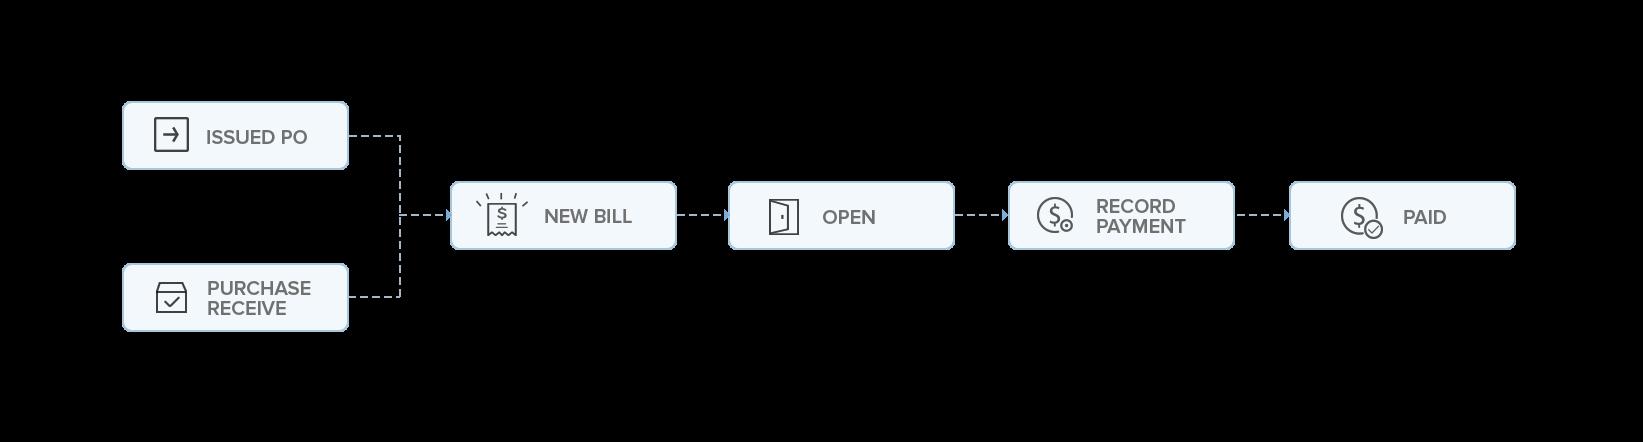 Bills workflow